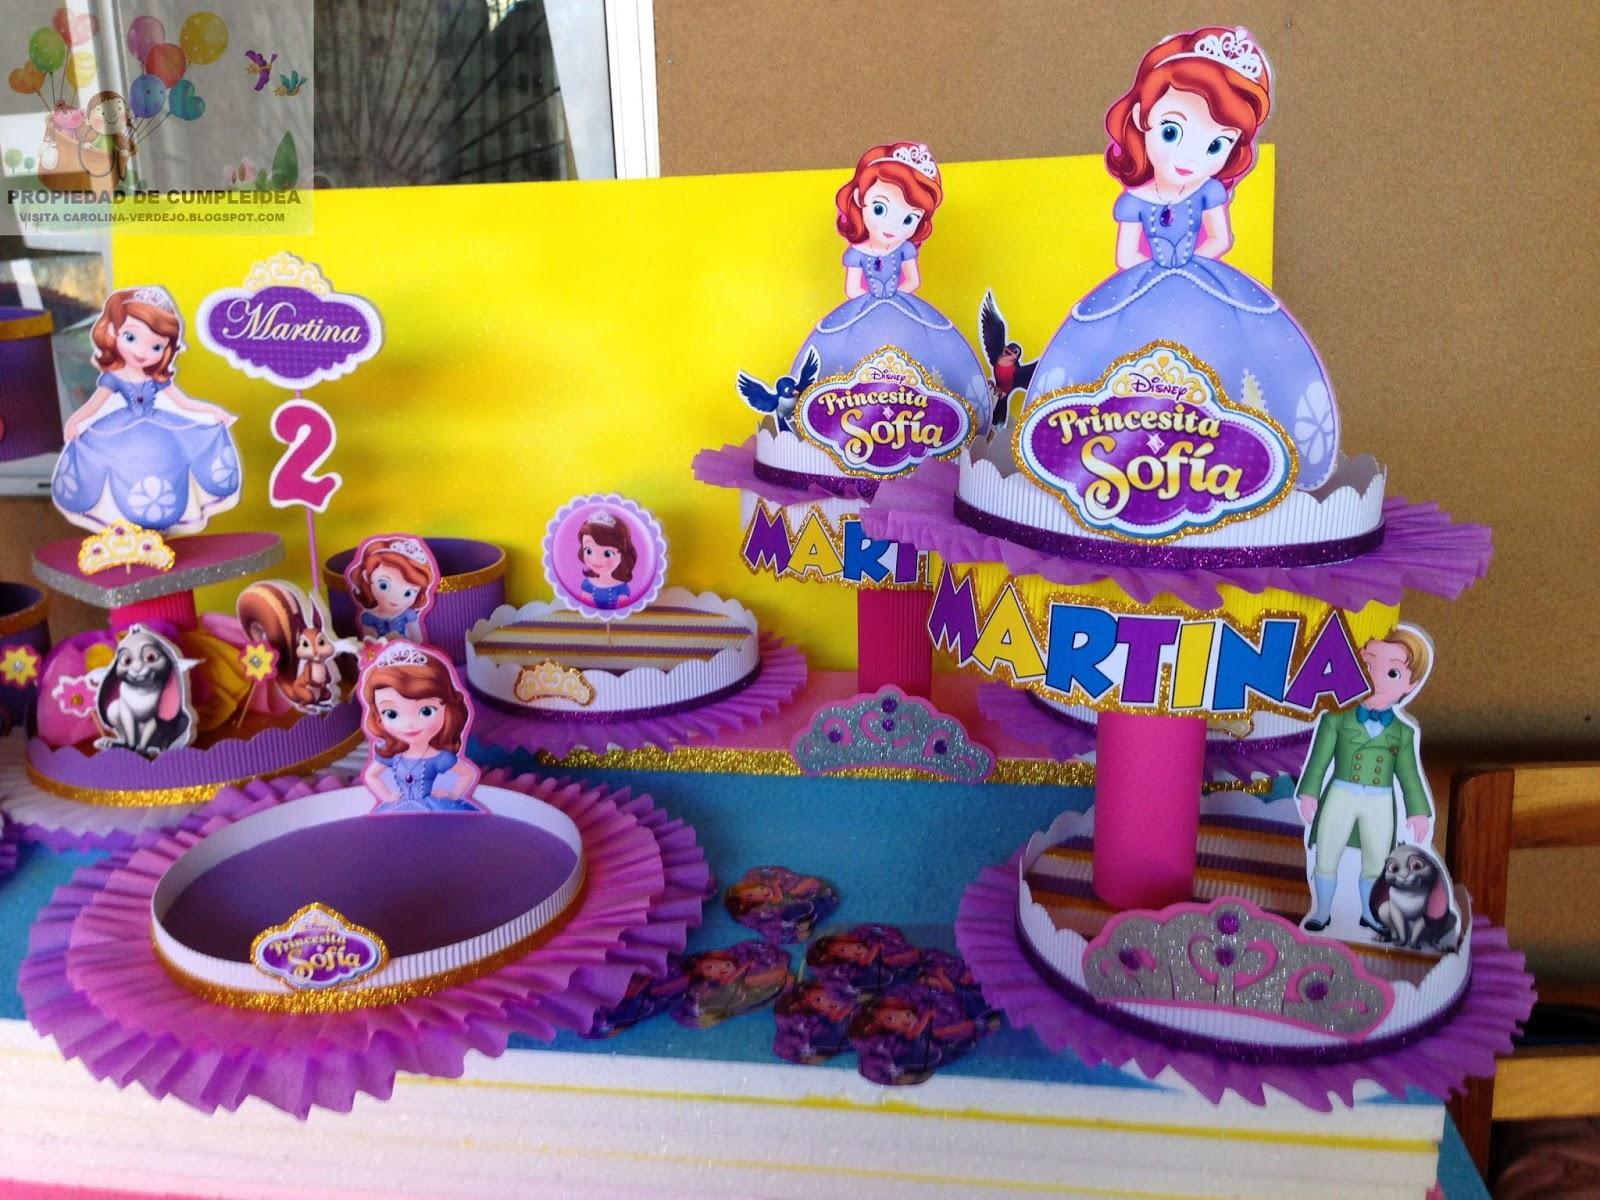 Decoraciones infantiles princesita sofia - Fiestas de cumpleanos de princesas ...